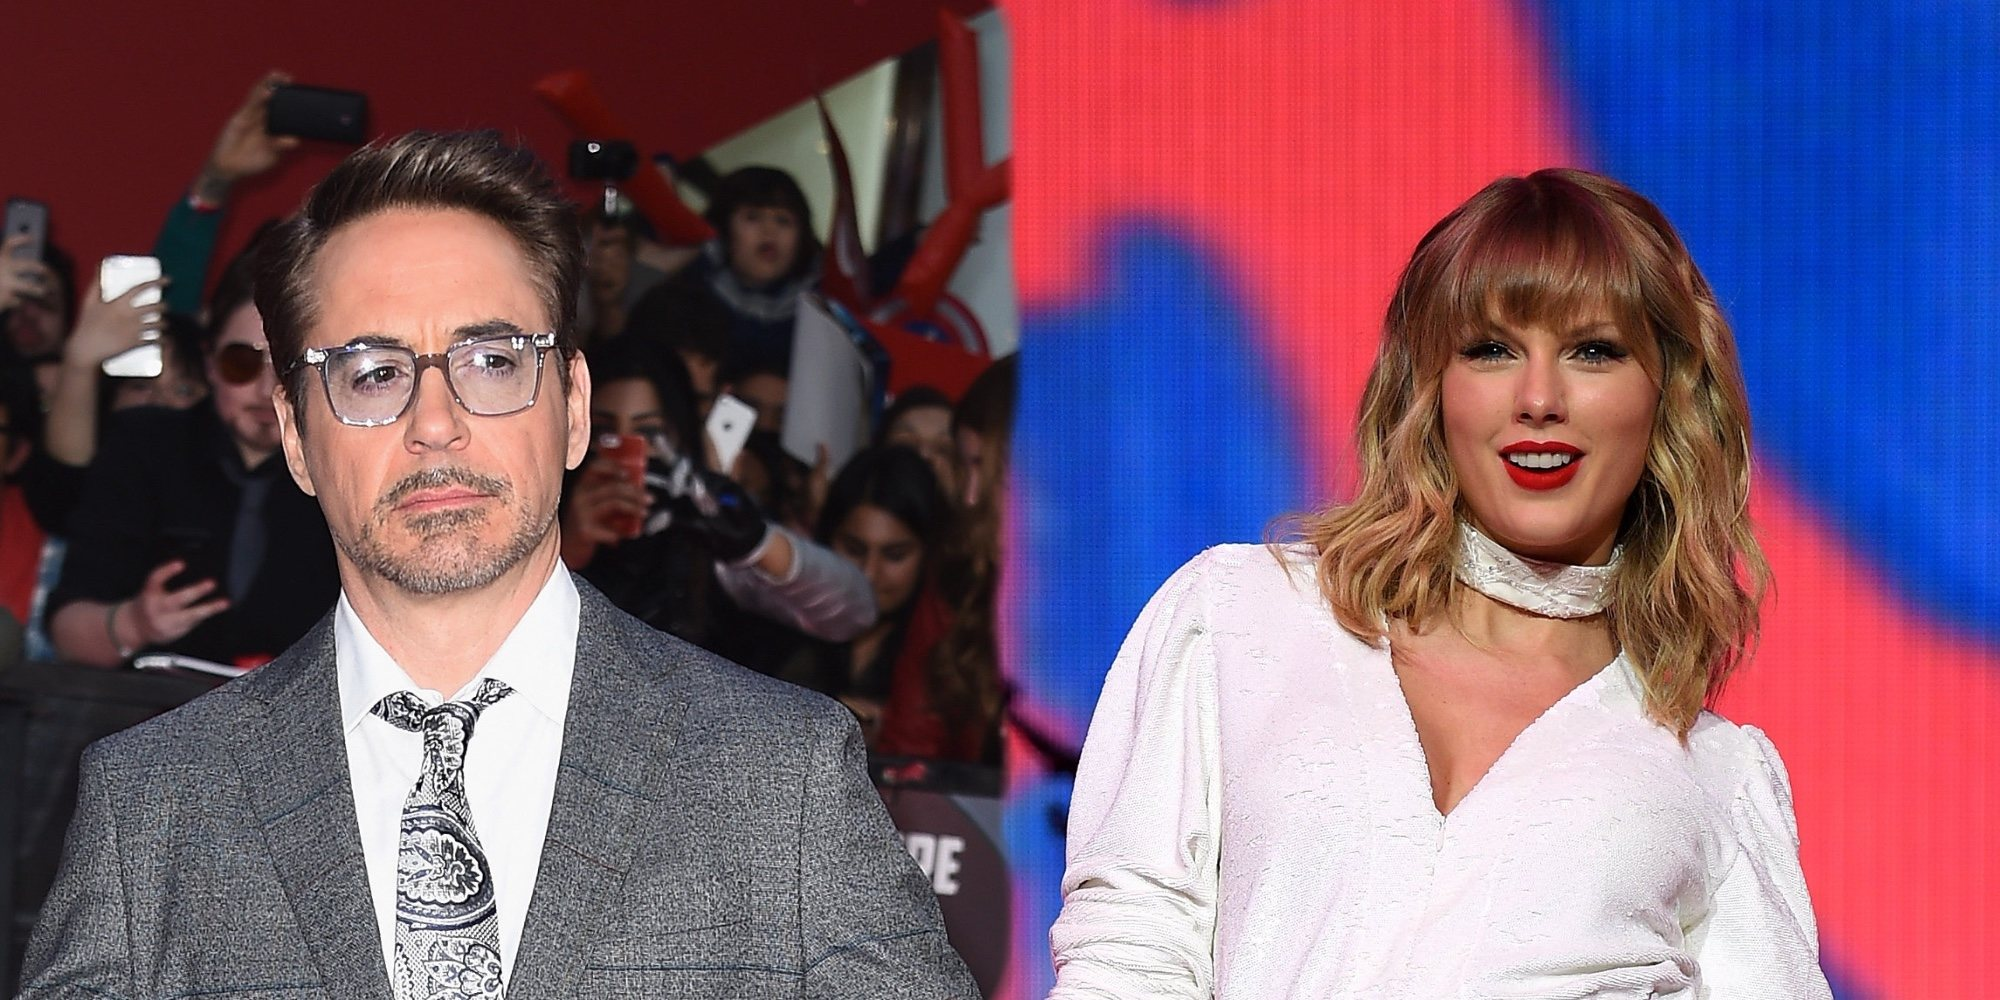 Robert Downey Jr. hace una broma sobre Taylor Swift y sus exnovios que enfada a los fans de la cantante